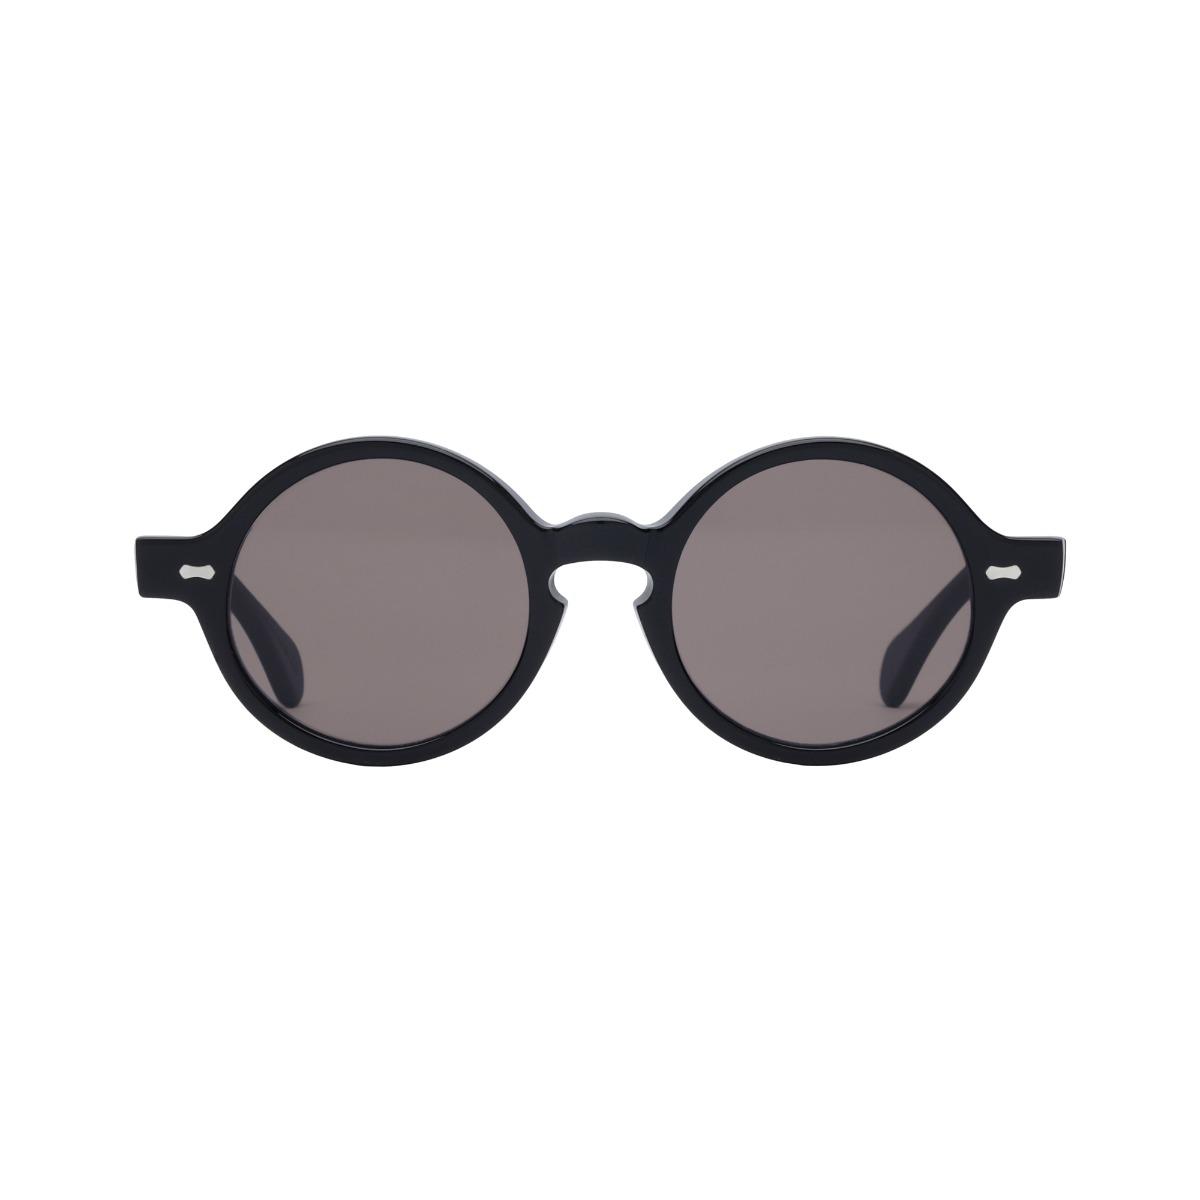 Oxford Eco Black // Gradient Grey